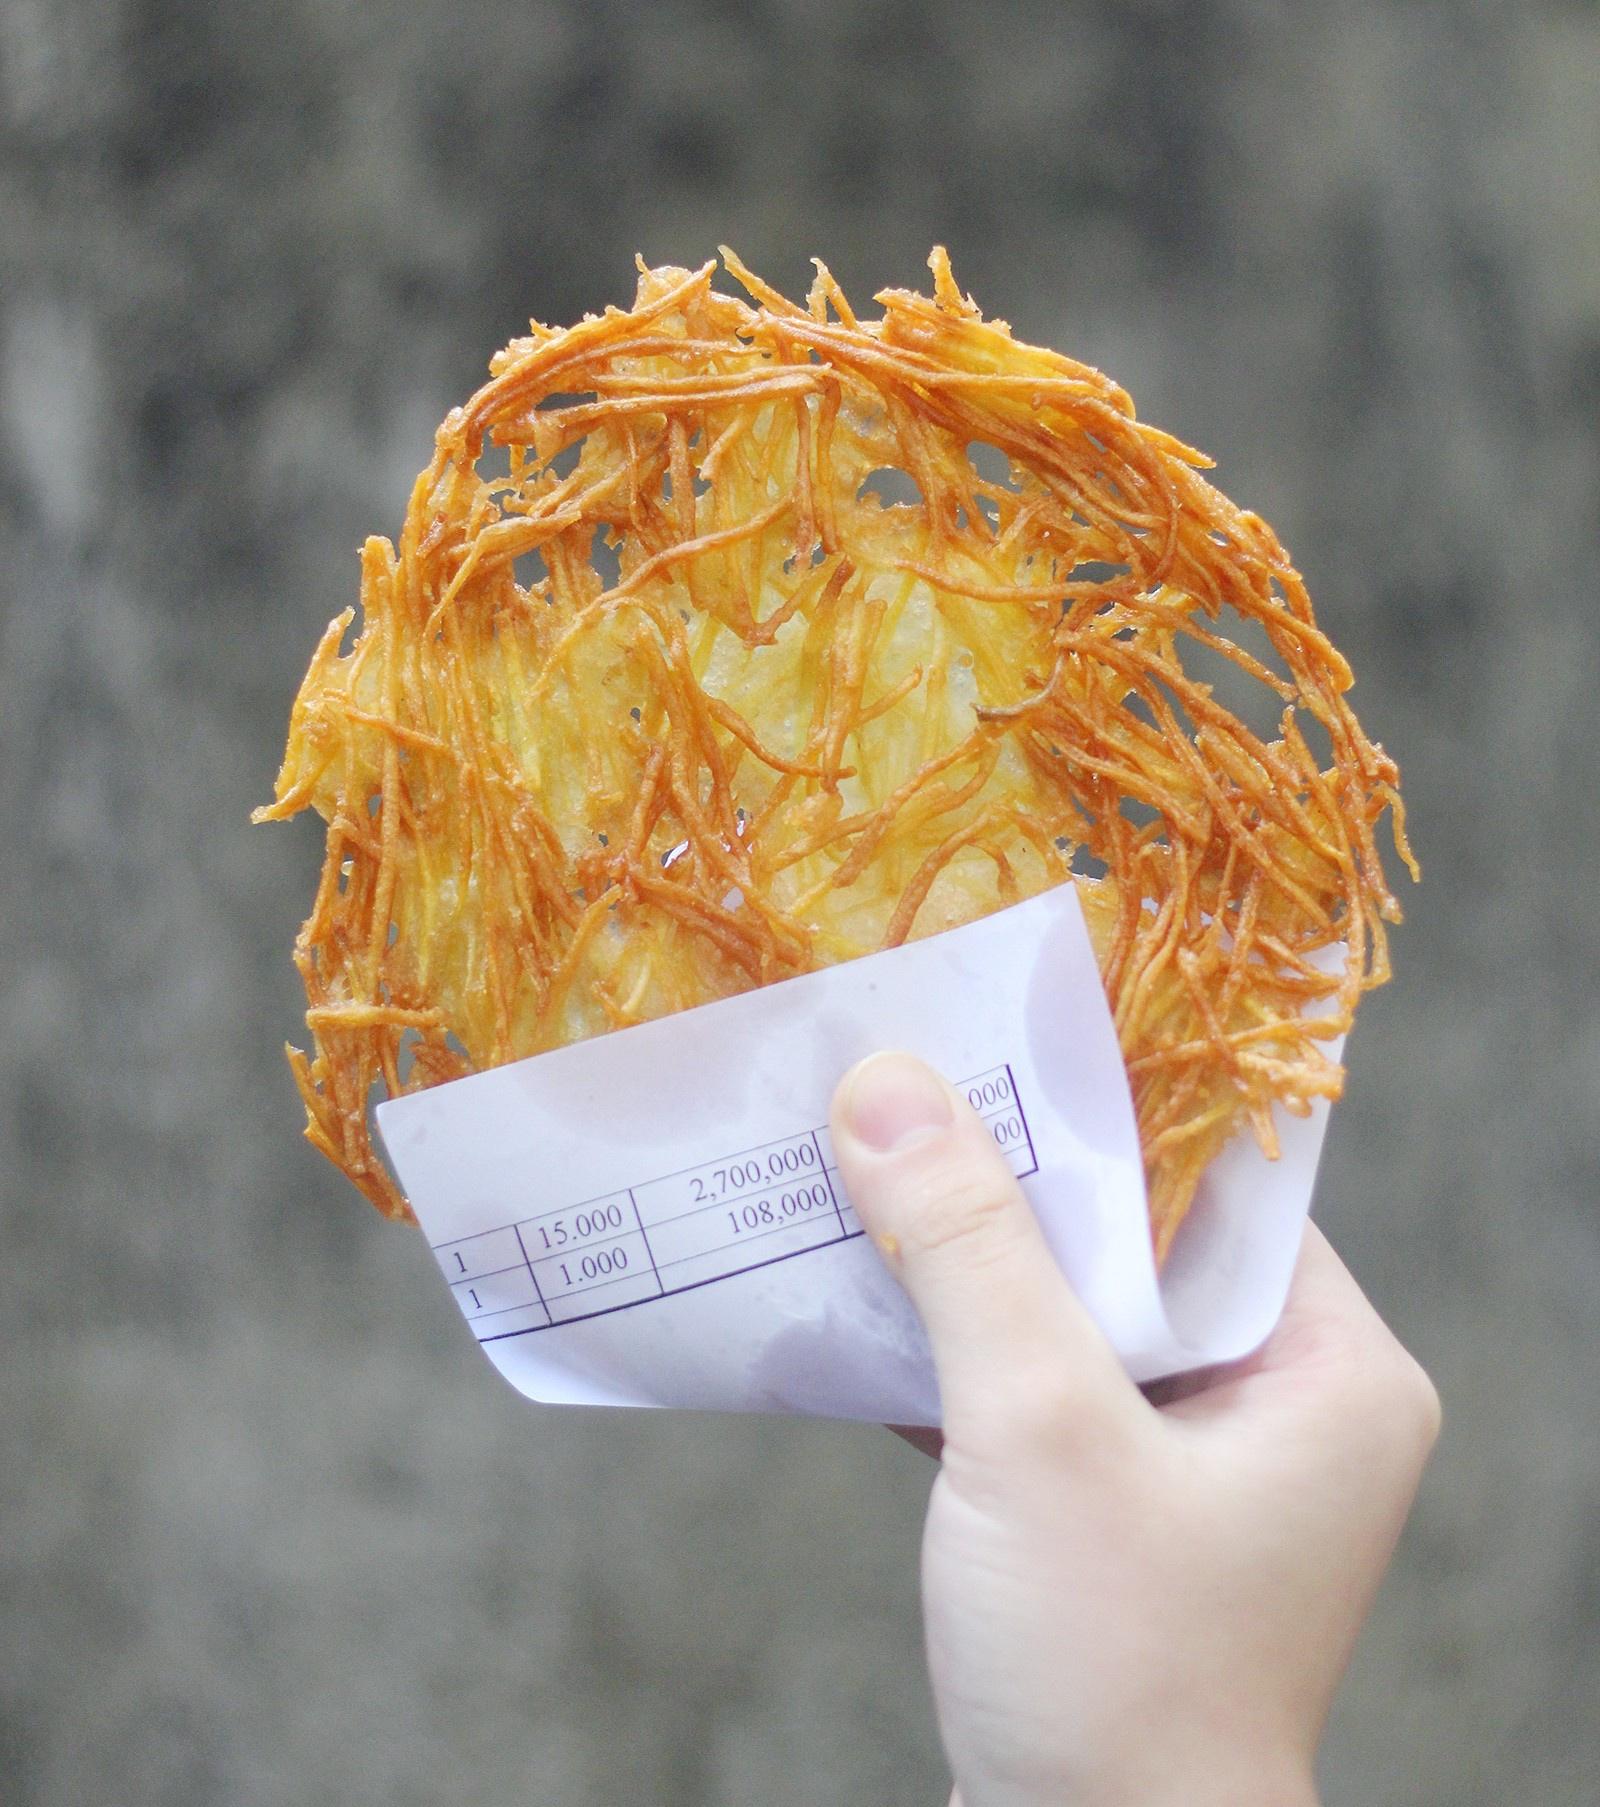 bánh khoai lang sợi